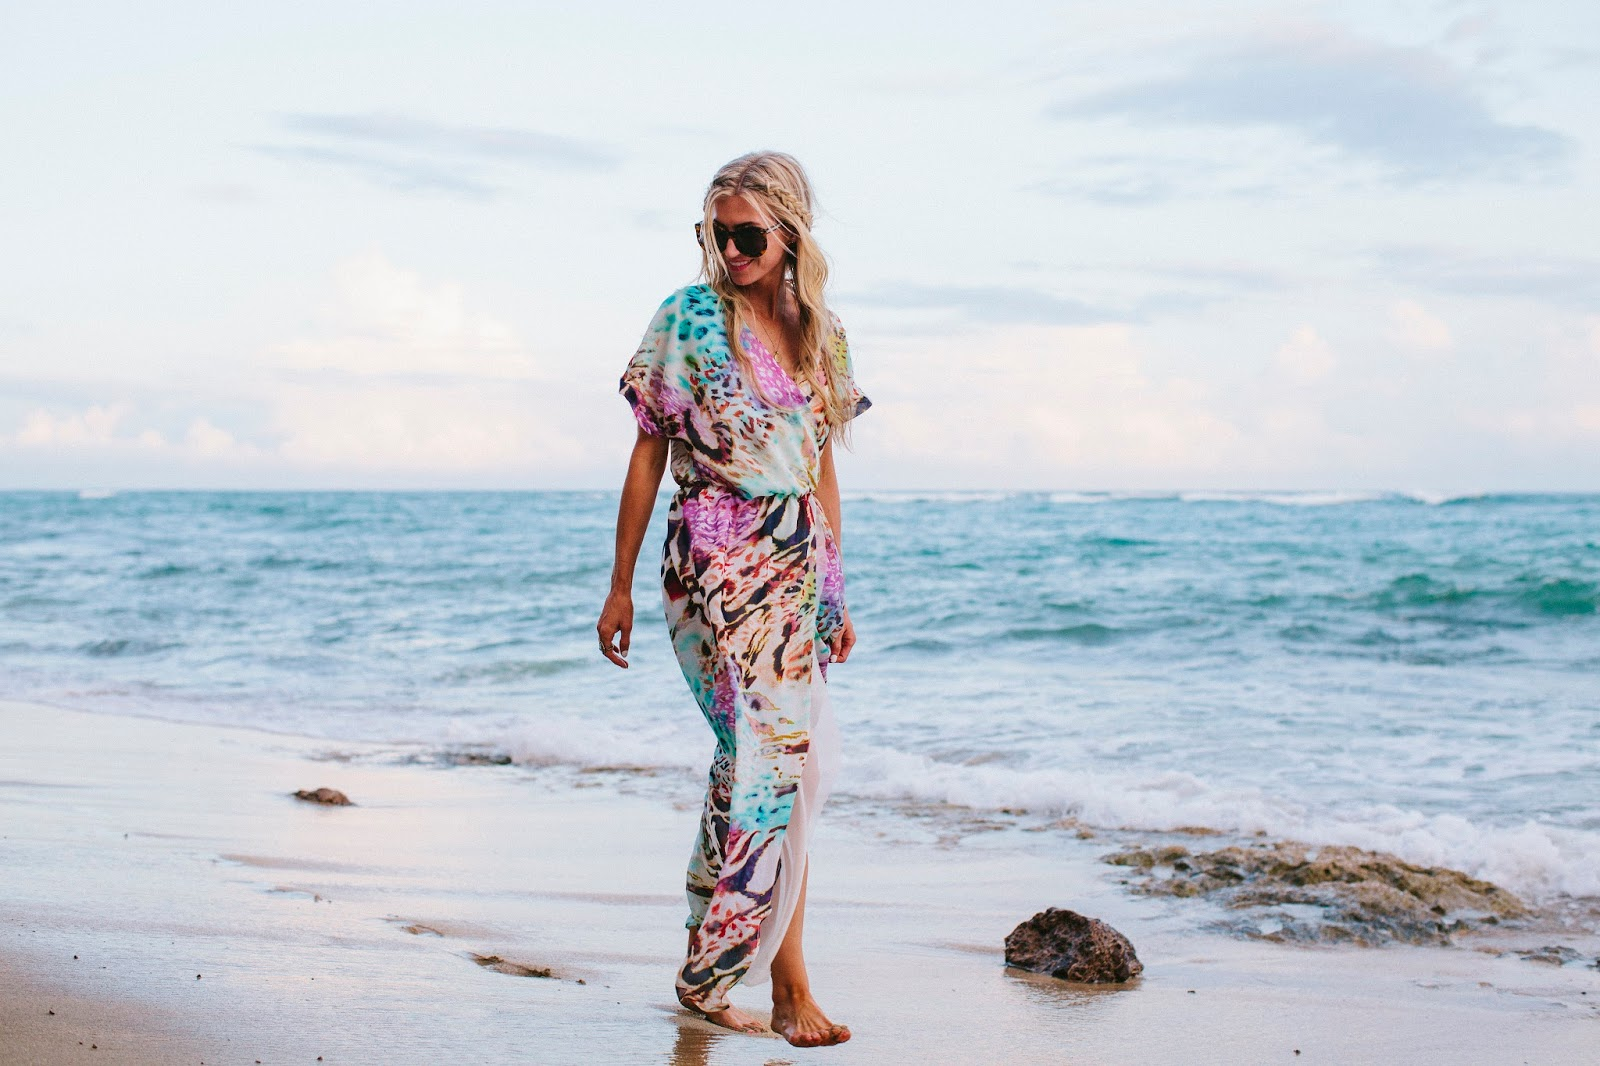 нашли подходящего ваша одежда на море фото партнёрша вдруг